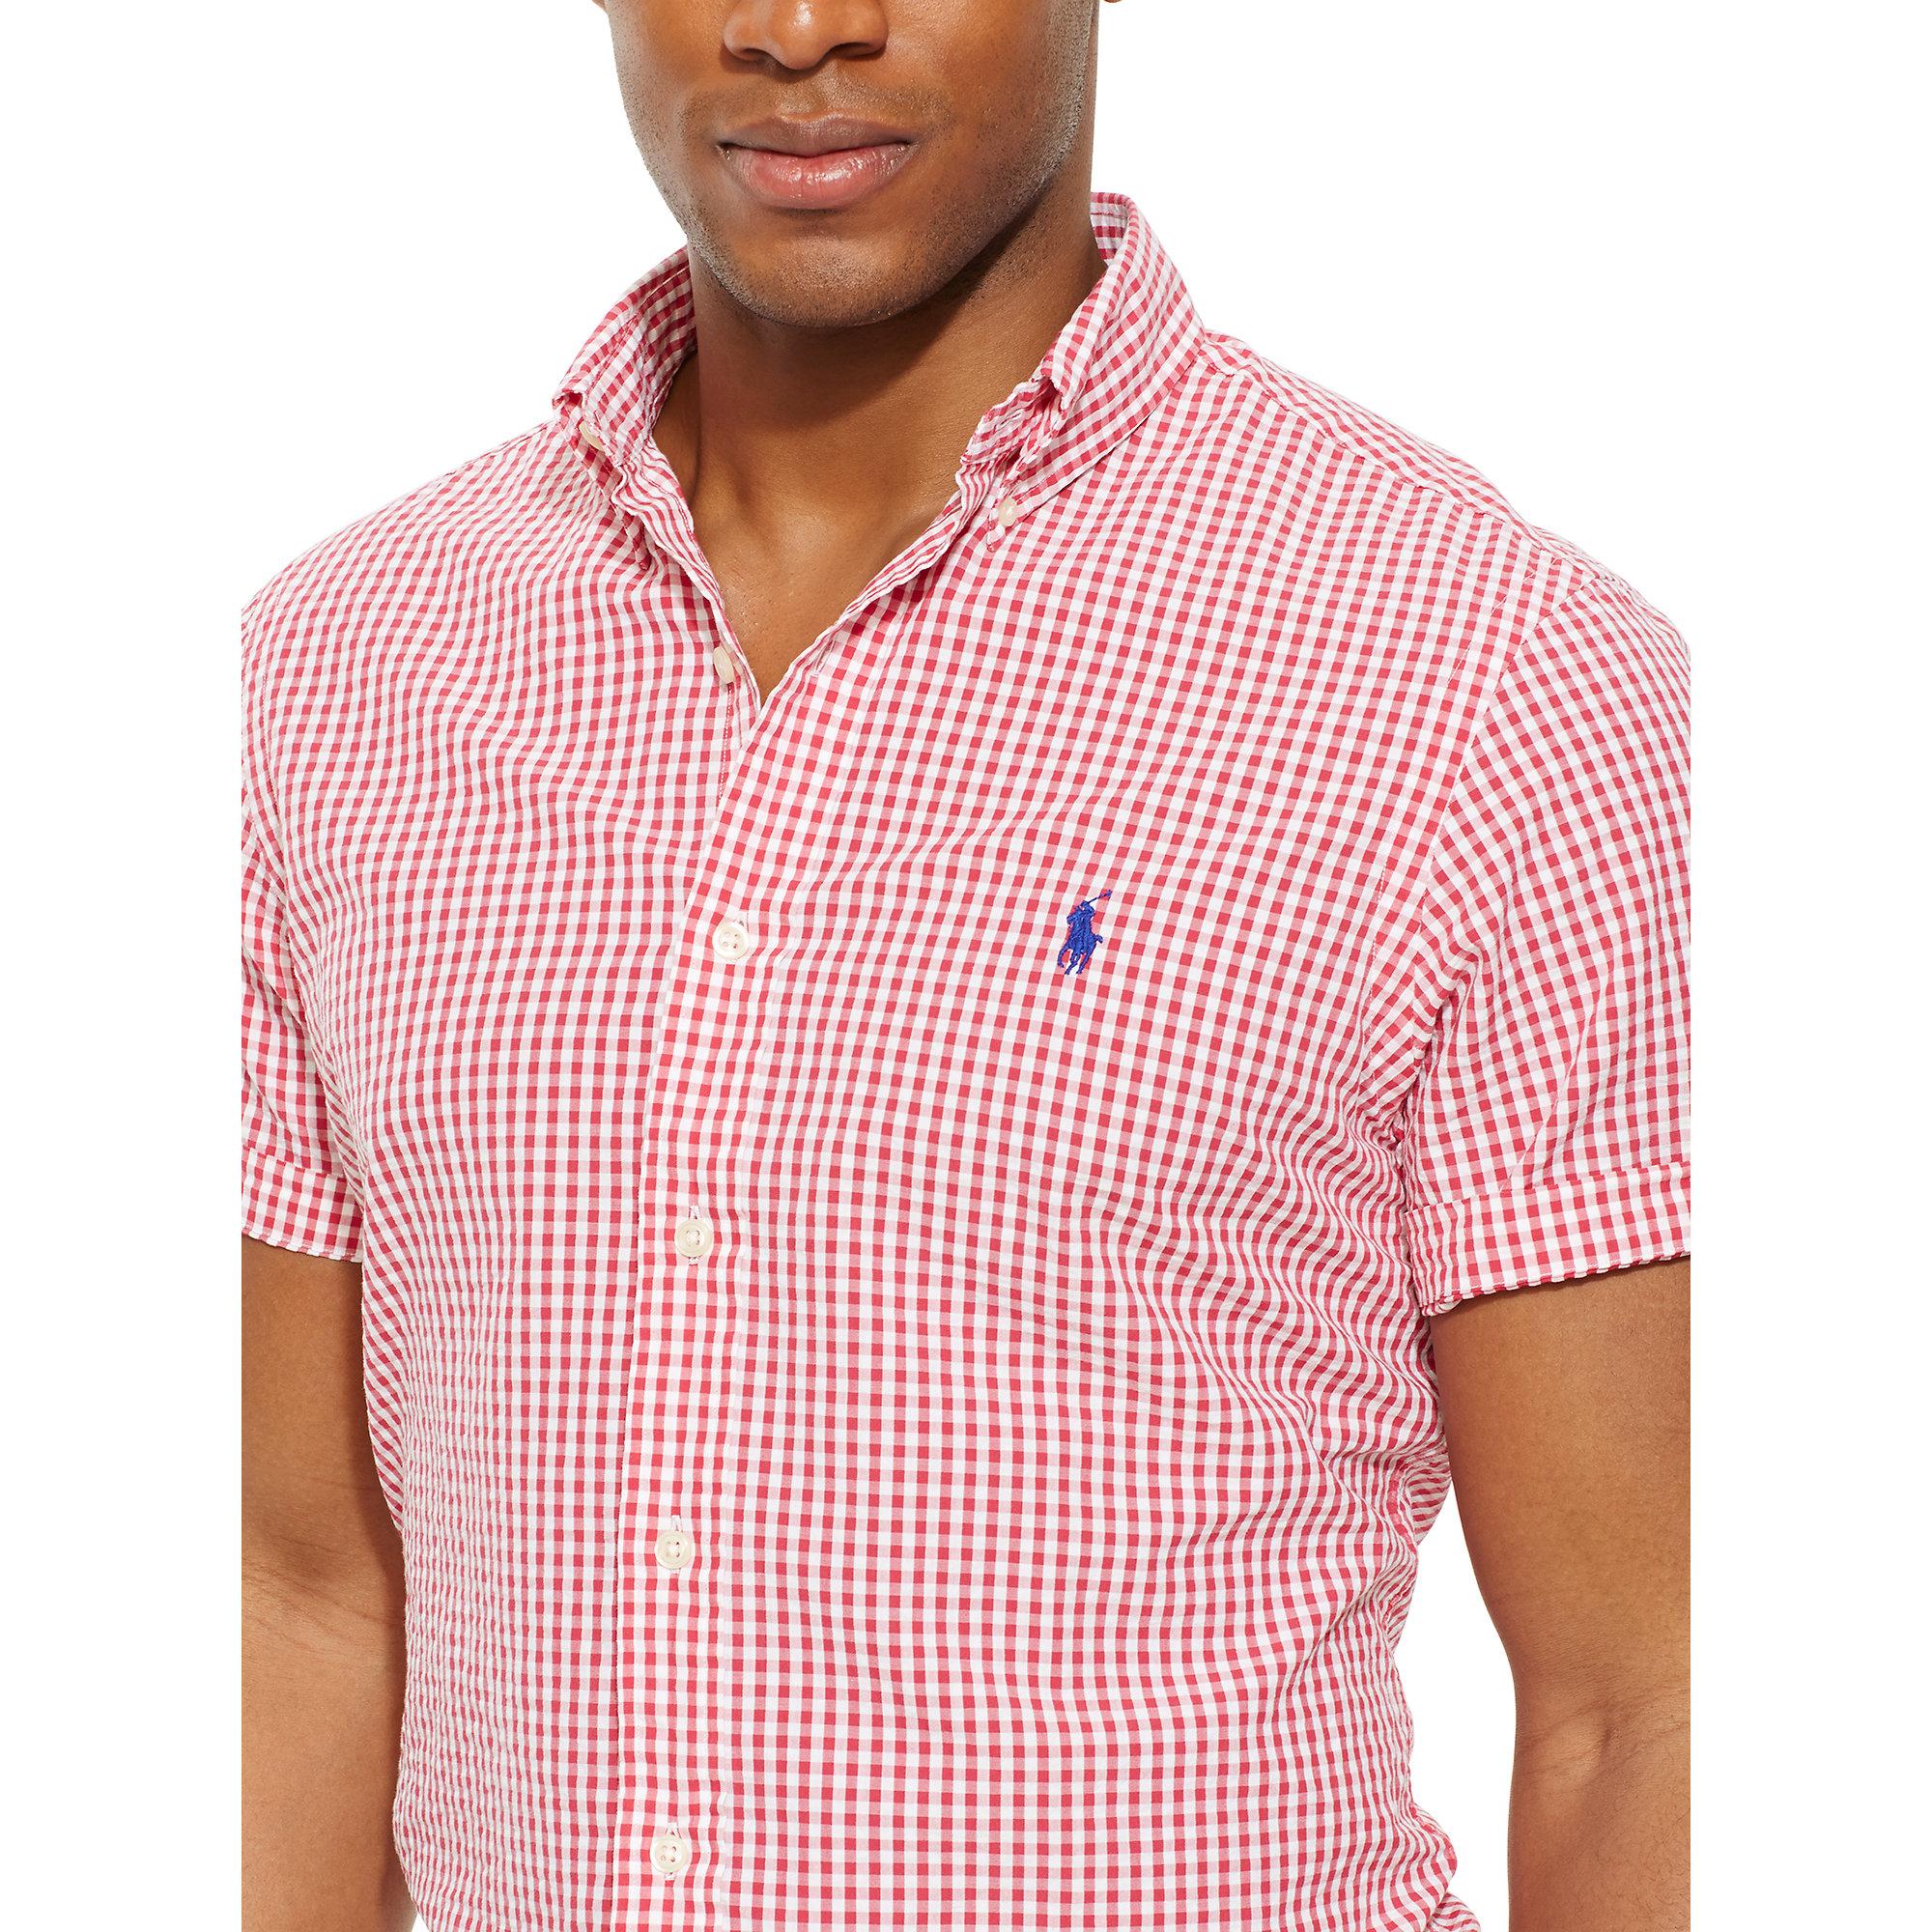 Ralph Lauren Polo White Seersucker Dress Shirts Ralph Lauren Polo